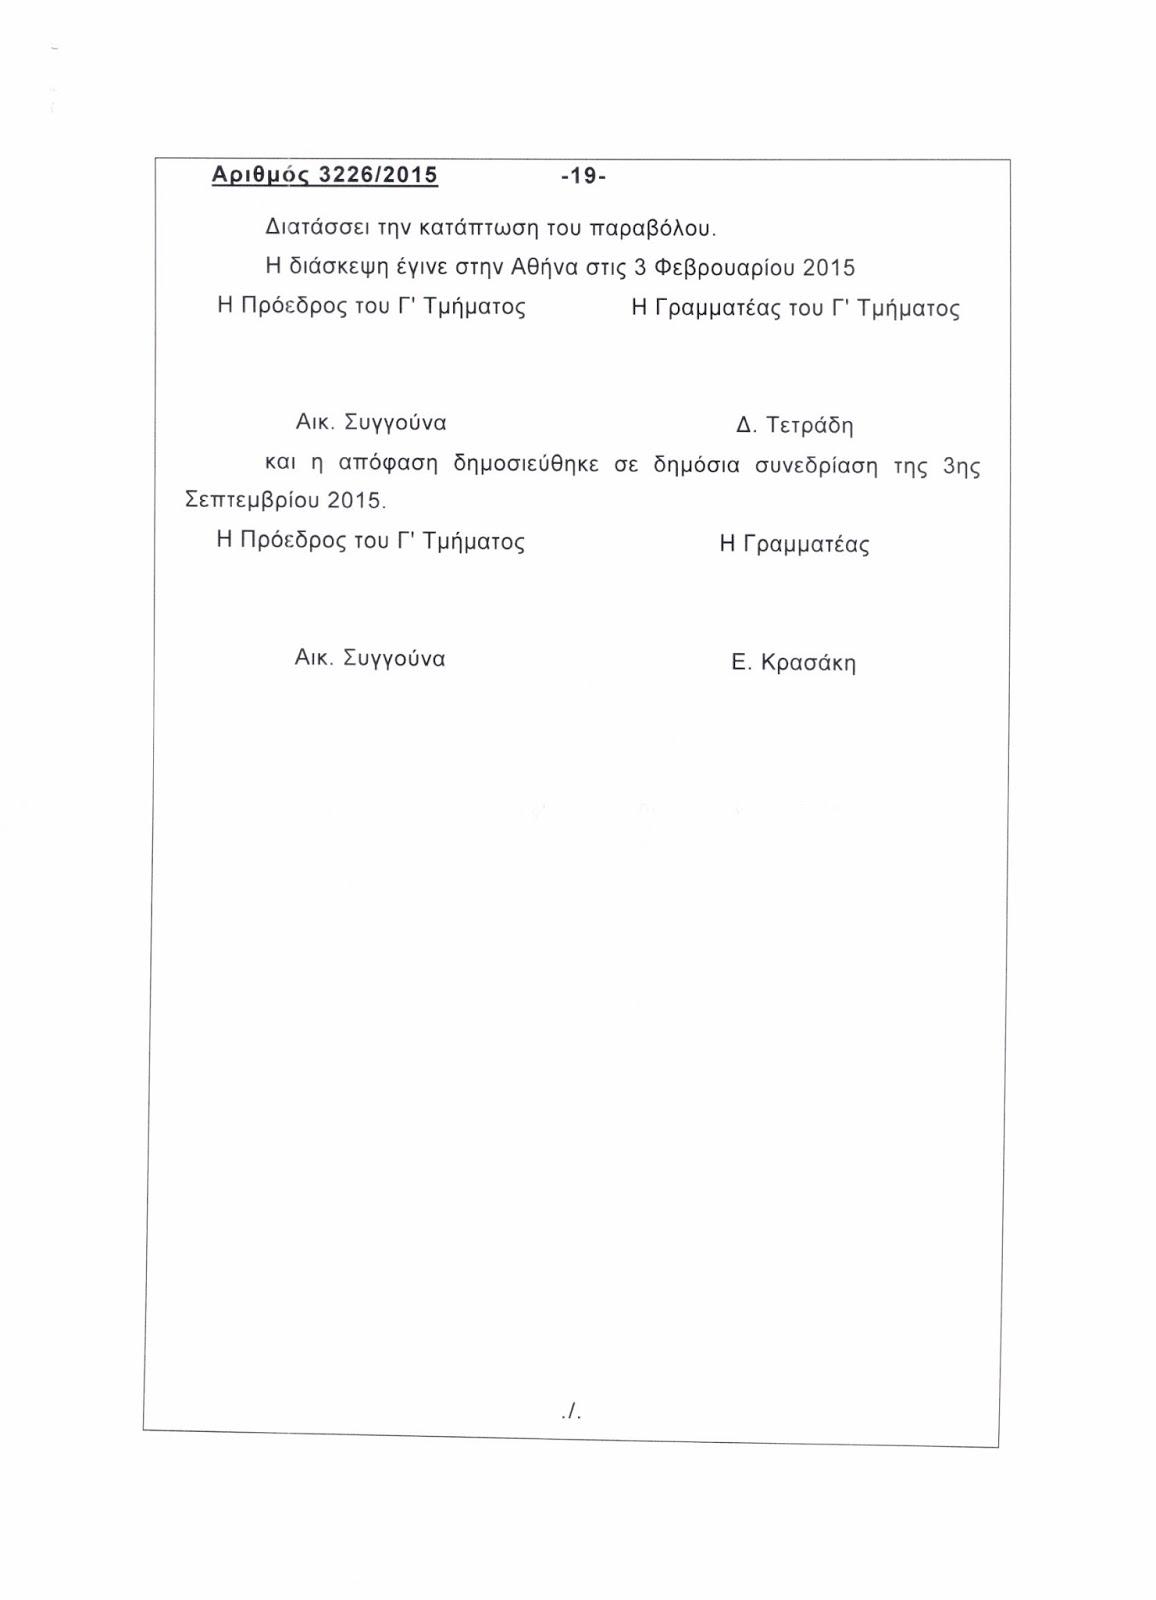 Ὁλόκληρη ἡ ἀπόφασις τοῦ ΣτΕ γιὰ τὸν Γιαννακόπουλο19